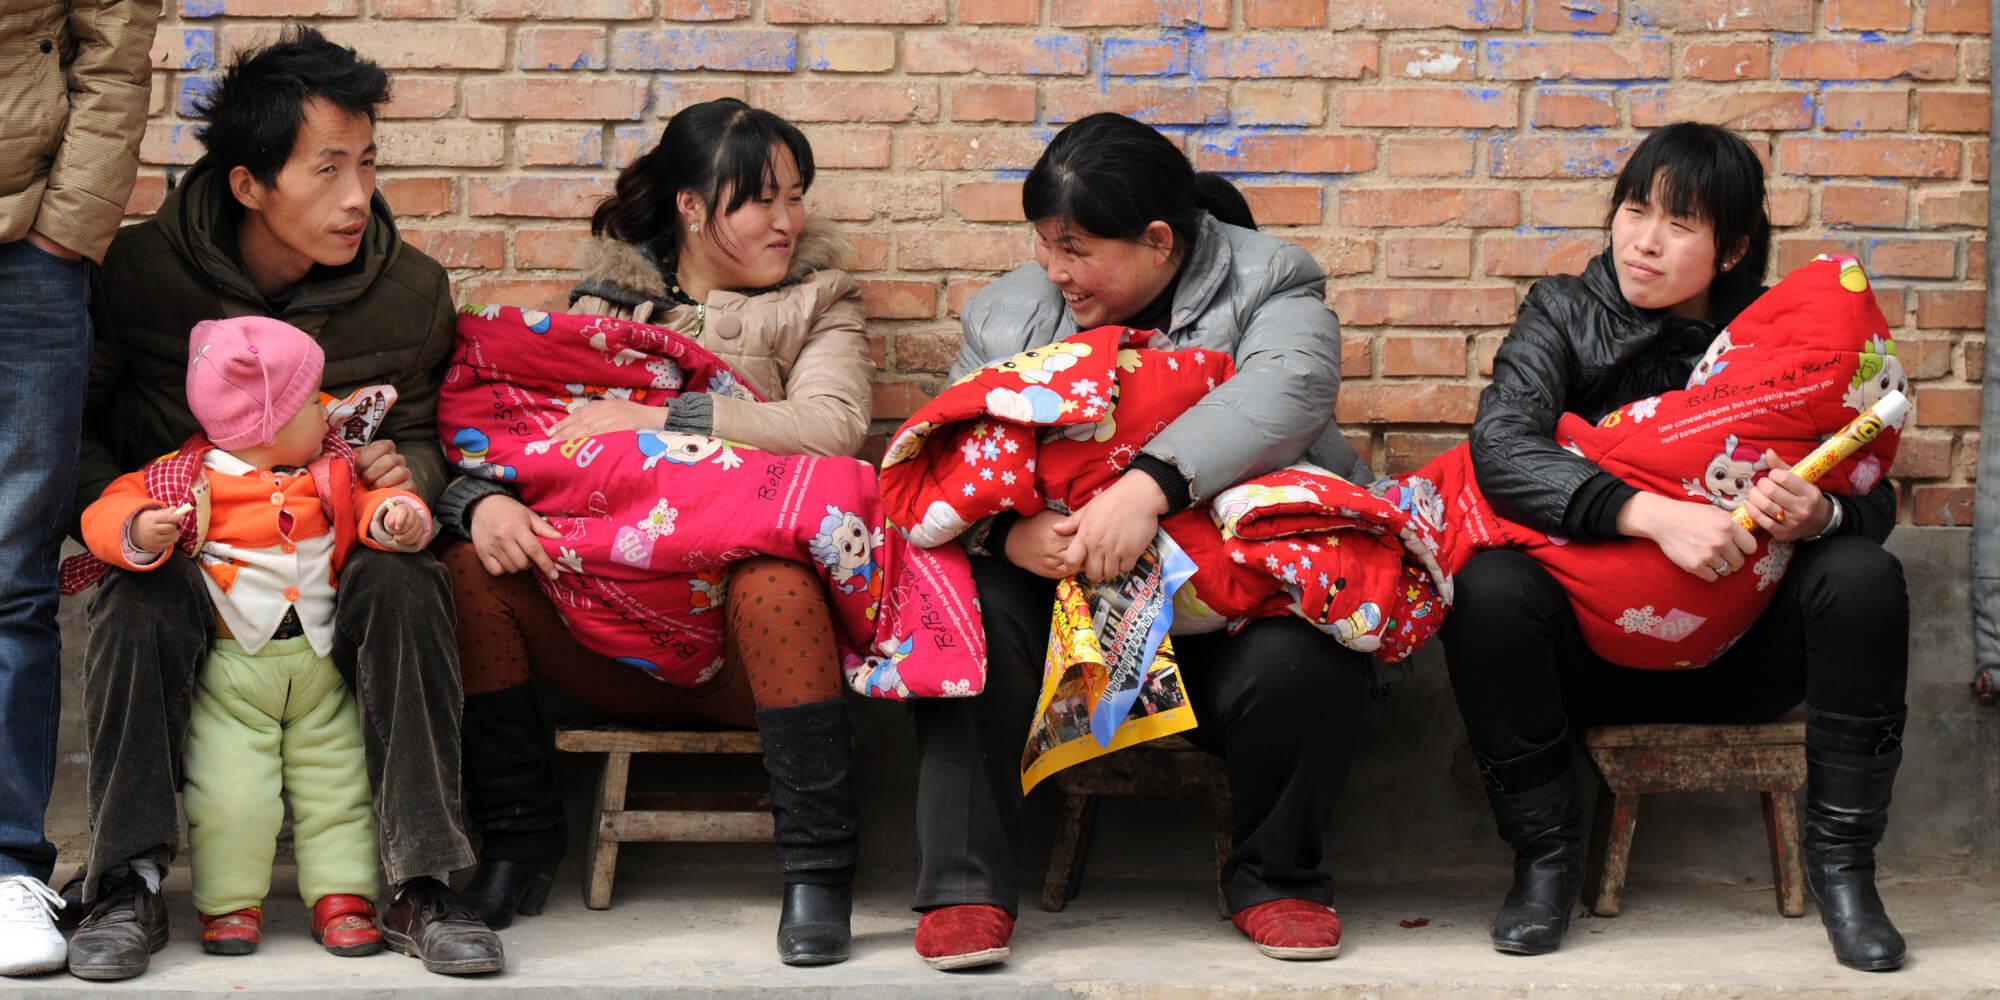 China Children family